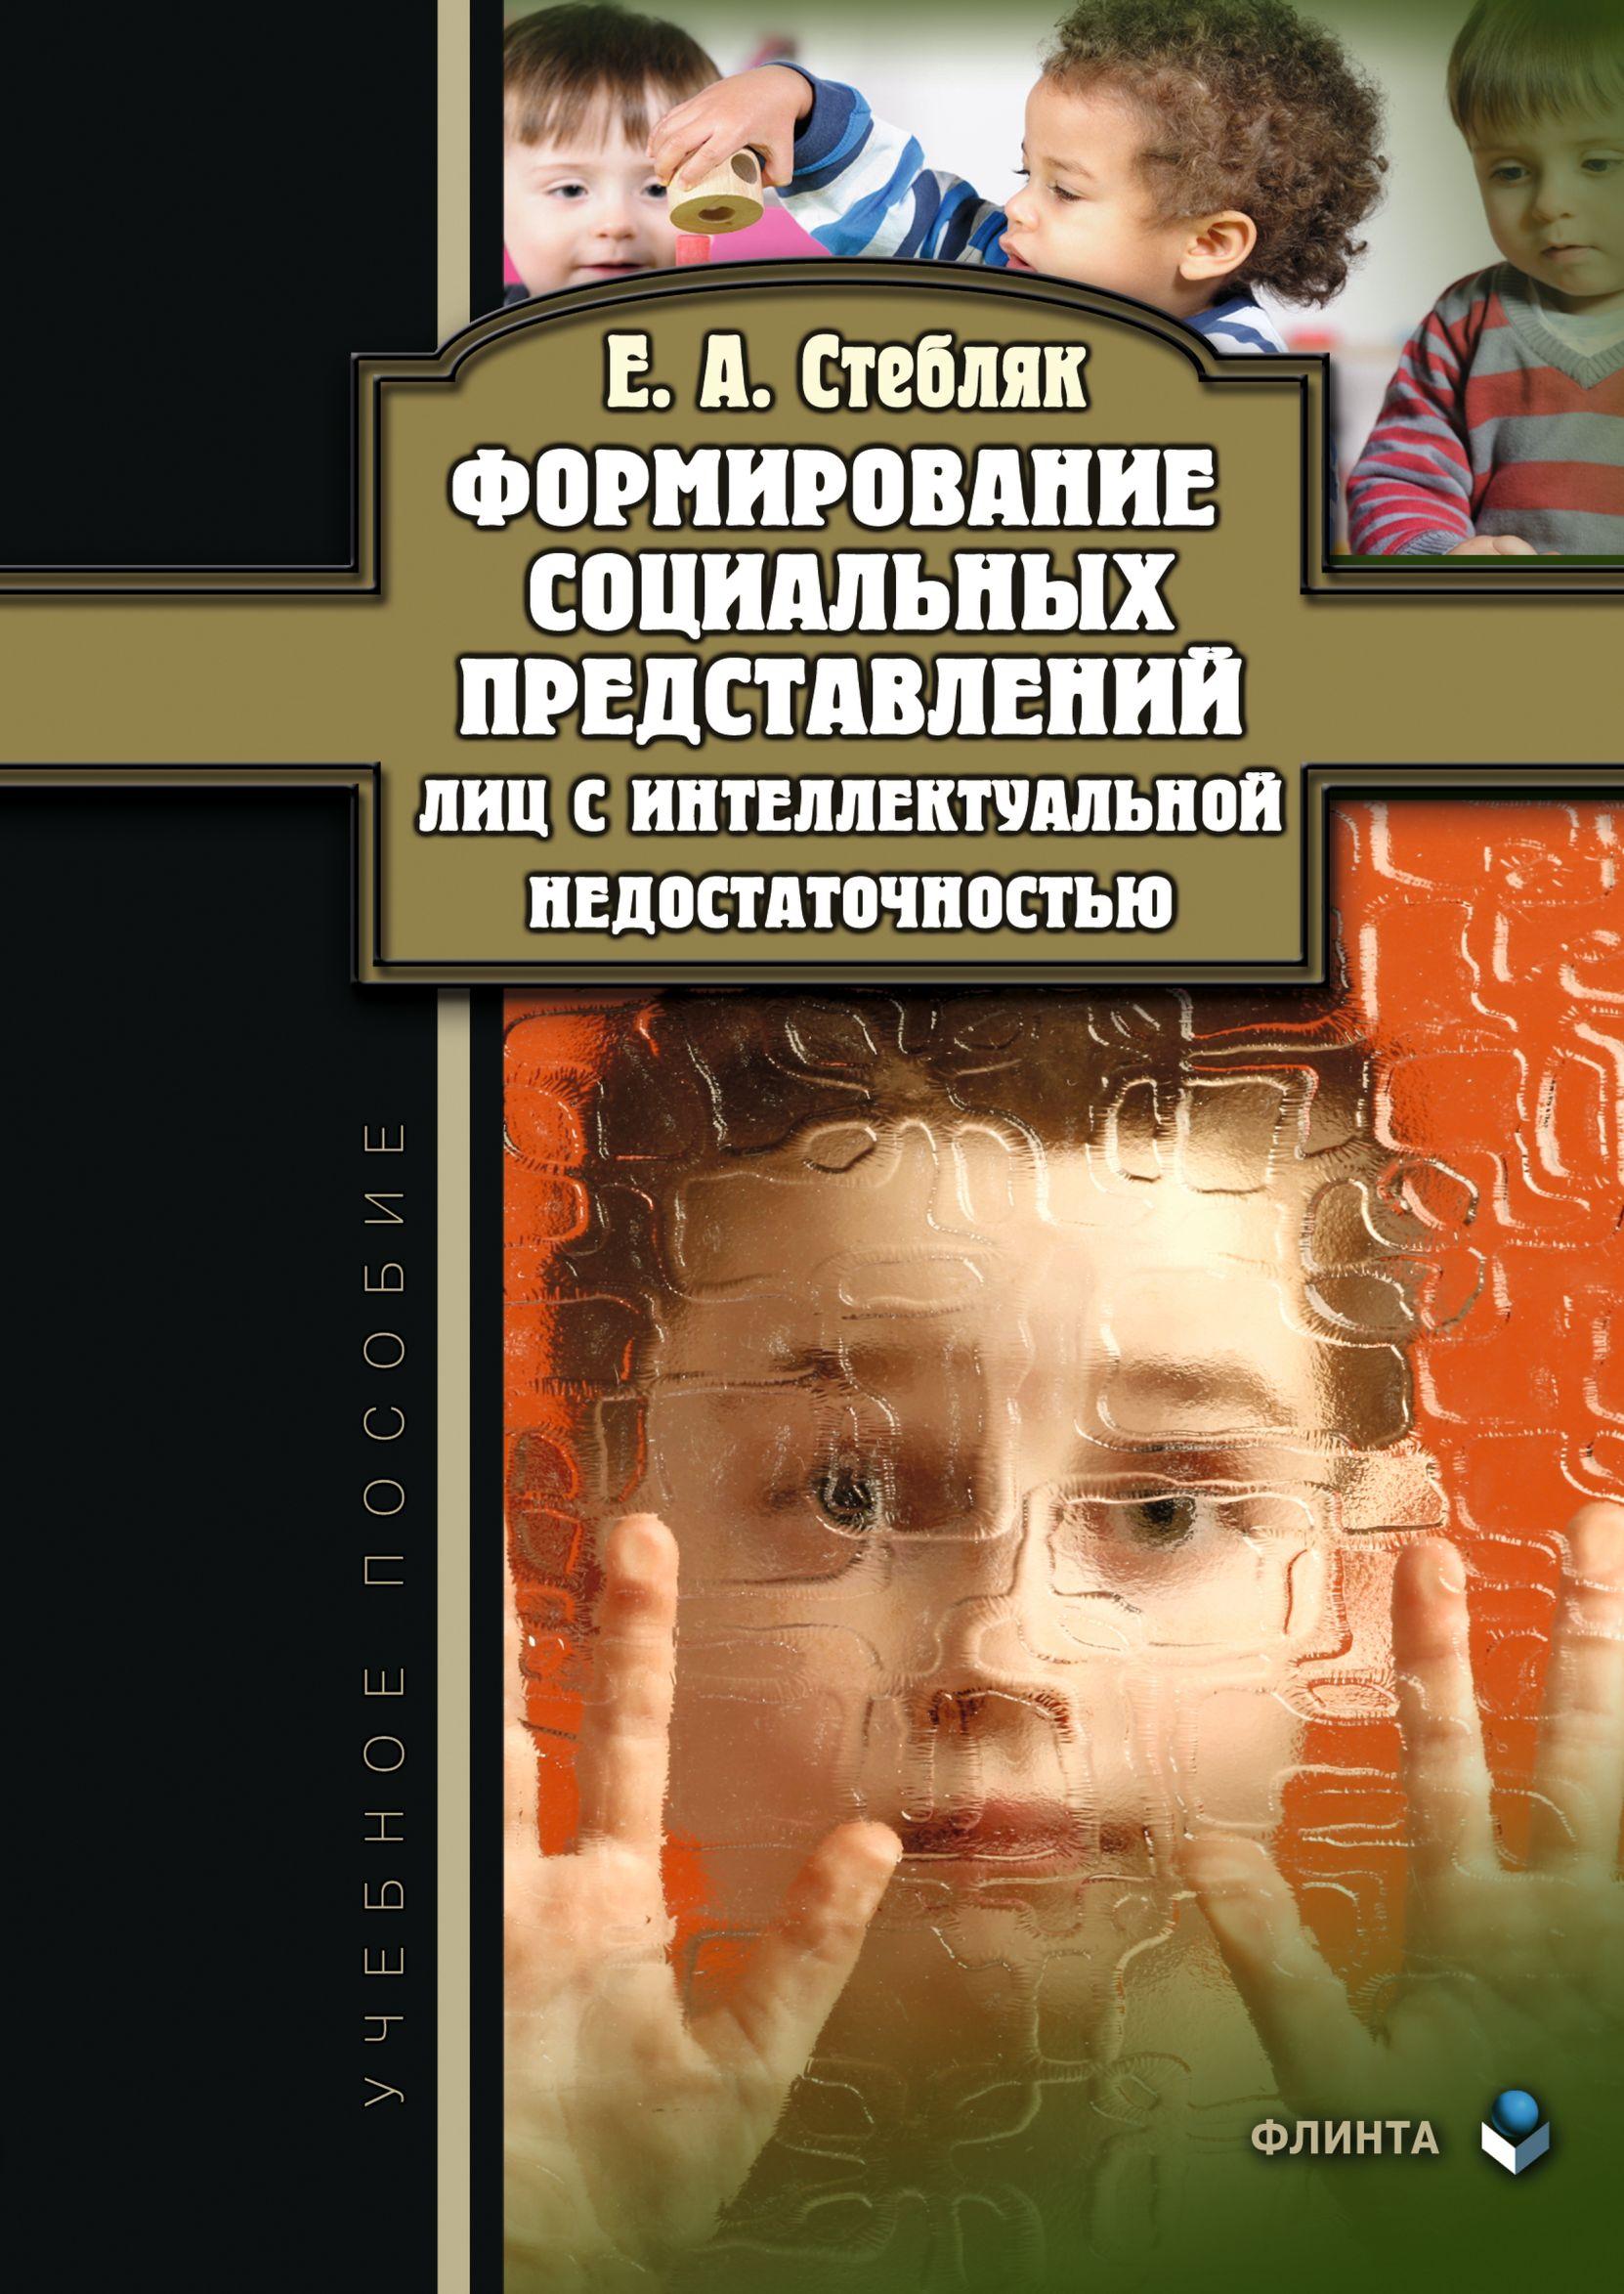 Формирование социальных представлений лиц с интеллектуальной недостаточностью ( Елена Стебляк  )